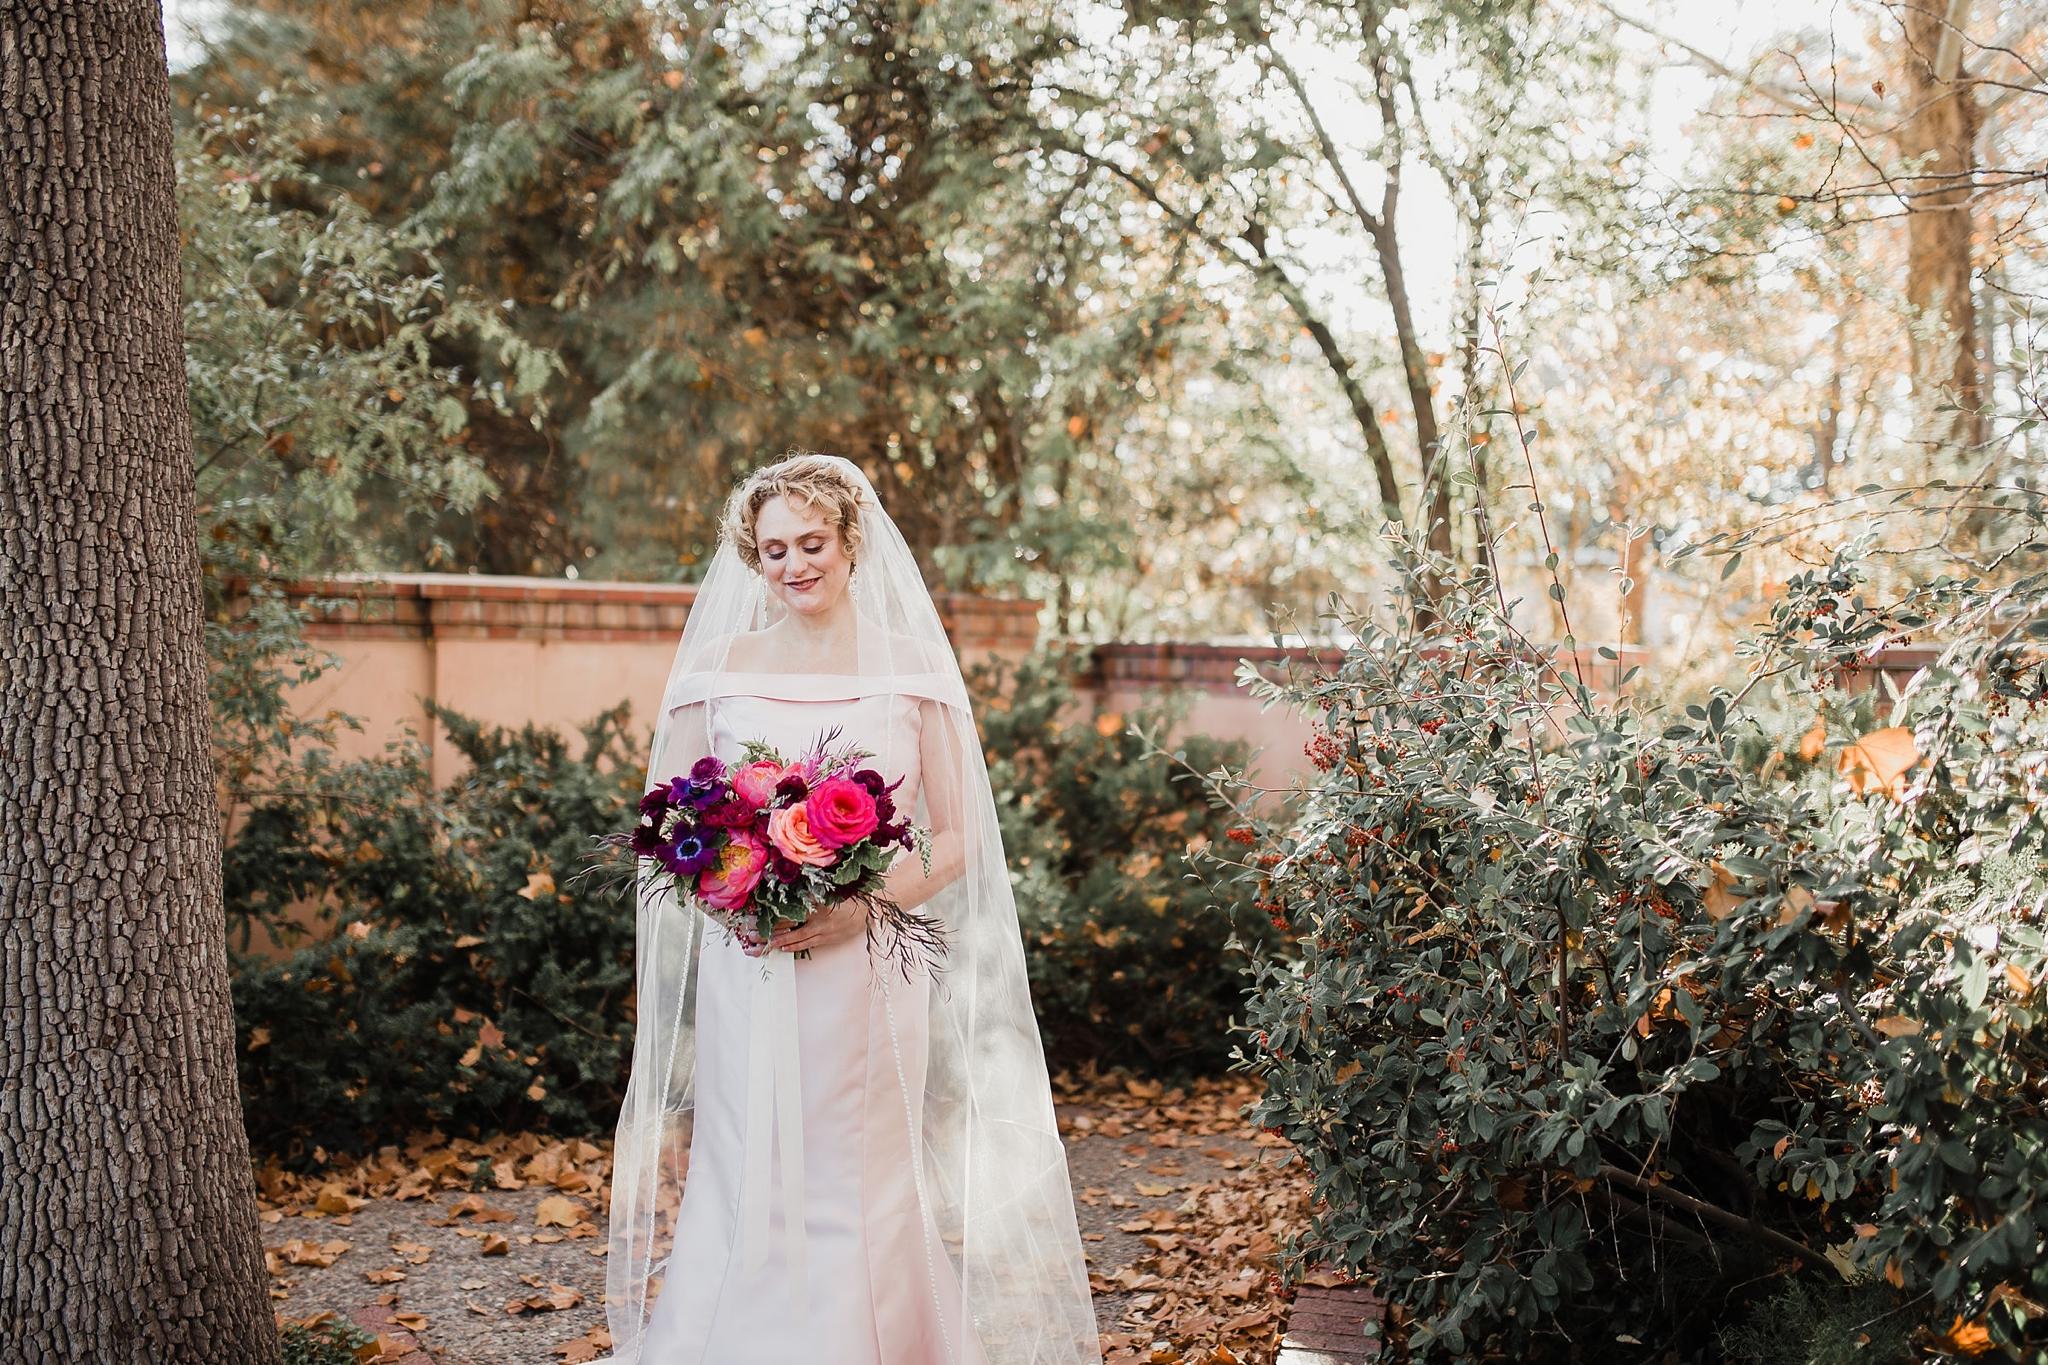 Alicia+lucia+photography+-+albuquerque+wedding+photographer+-+santa+fe+wedding+photography+-+new+mexico+wedding+photographer+-+albuquerque+wedding+-+santa+fe+wedding+-+wedding+gowns+-+non+traditional+wedding+gowns_0016.jpg